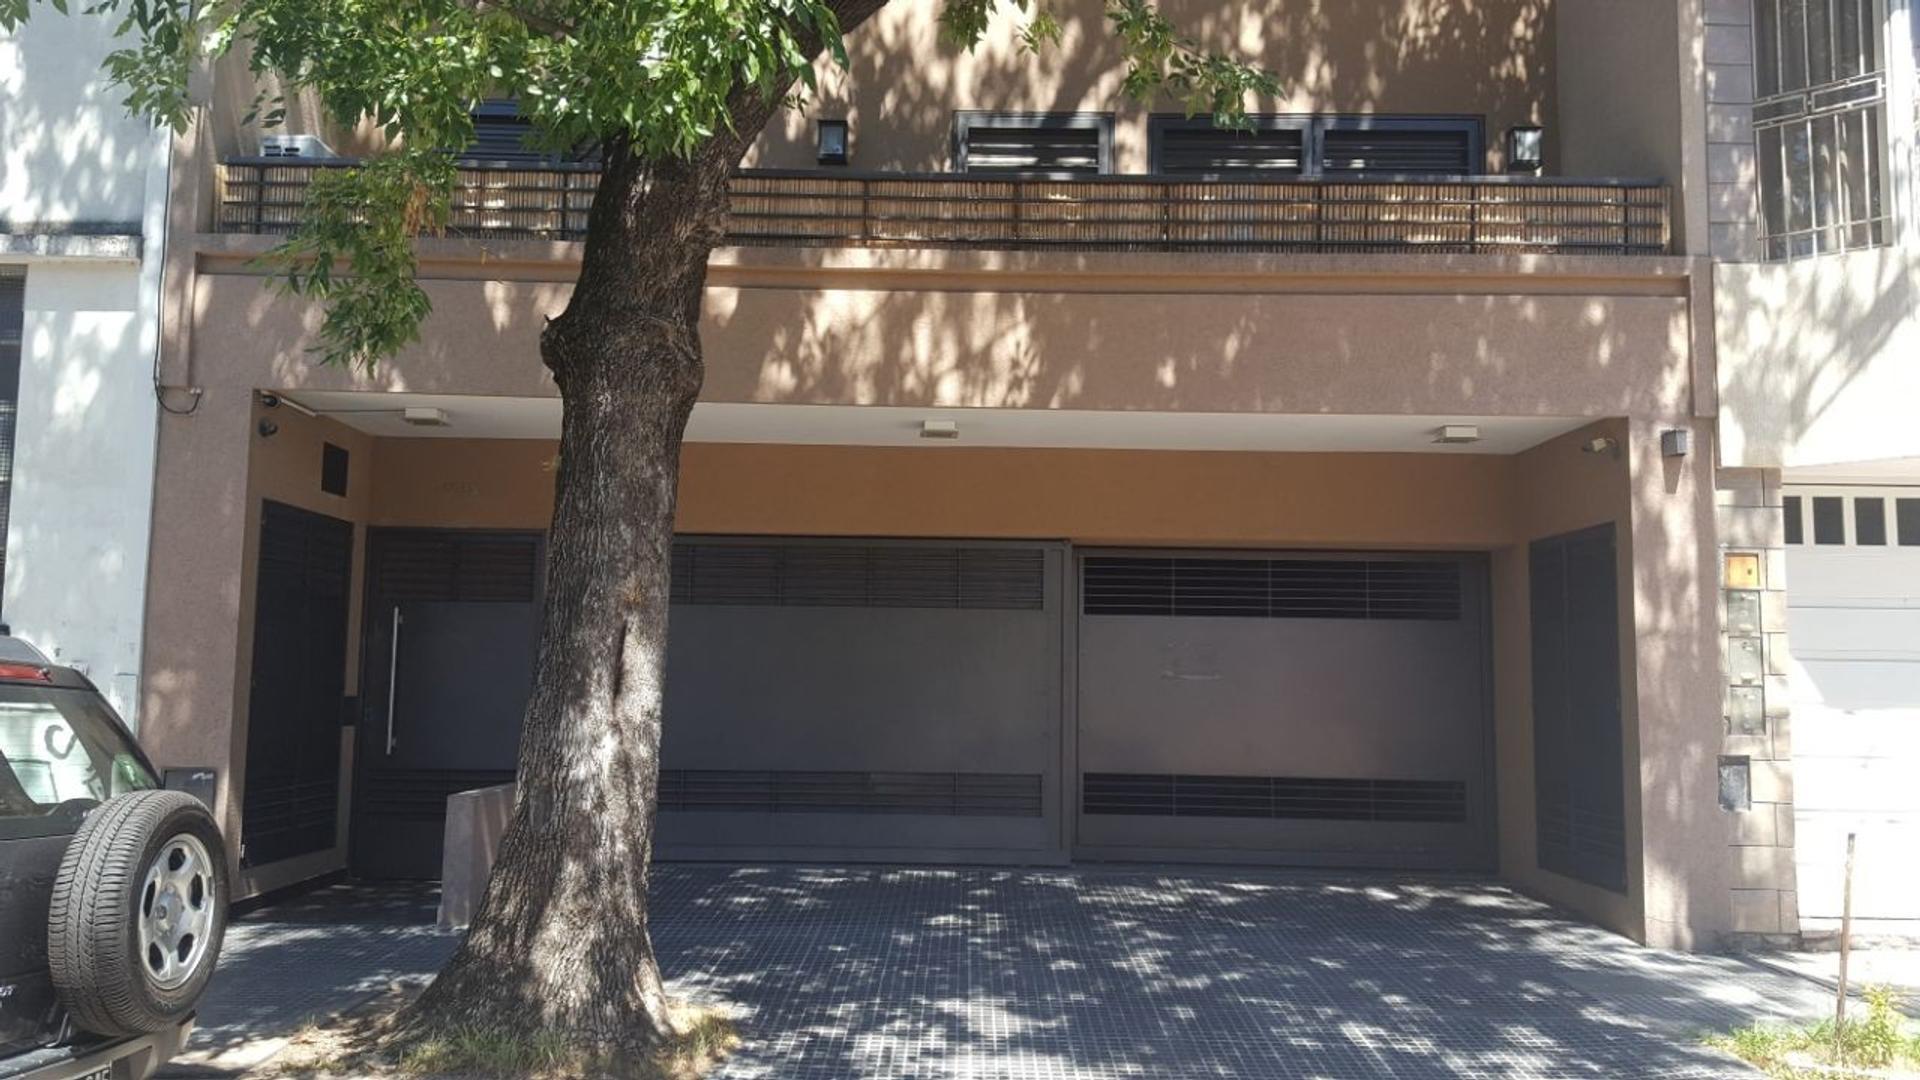 Enrique de Vedia 2000. 2 1/2 amb. Balcon. Terraza con Parrilla. Villa del Parque